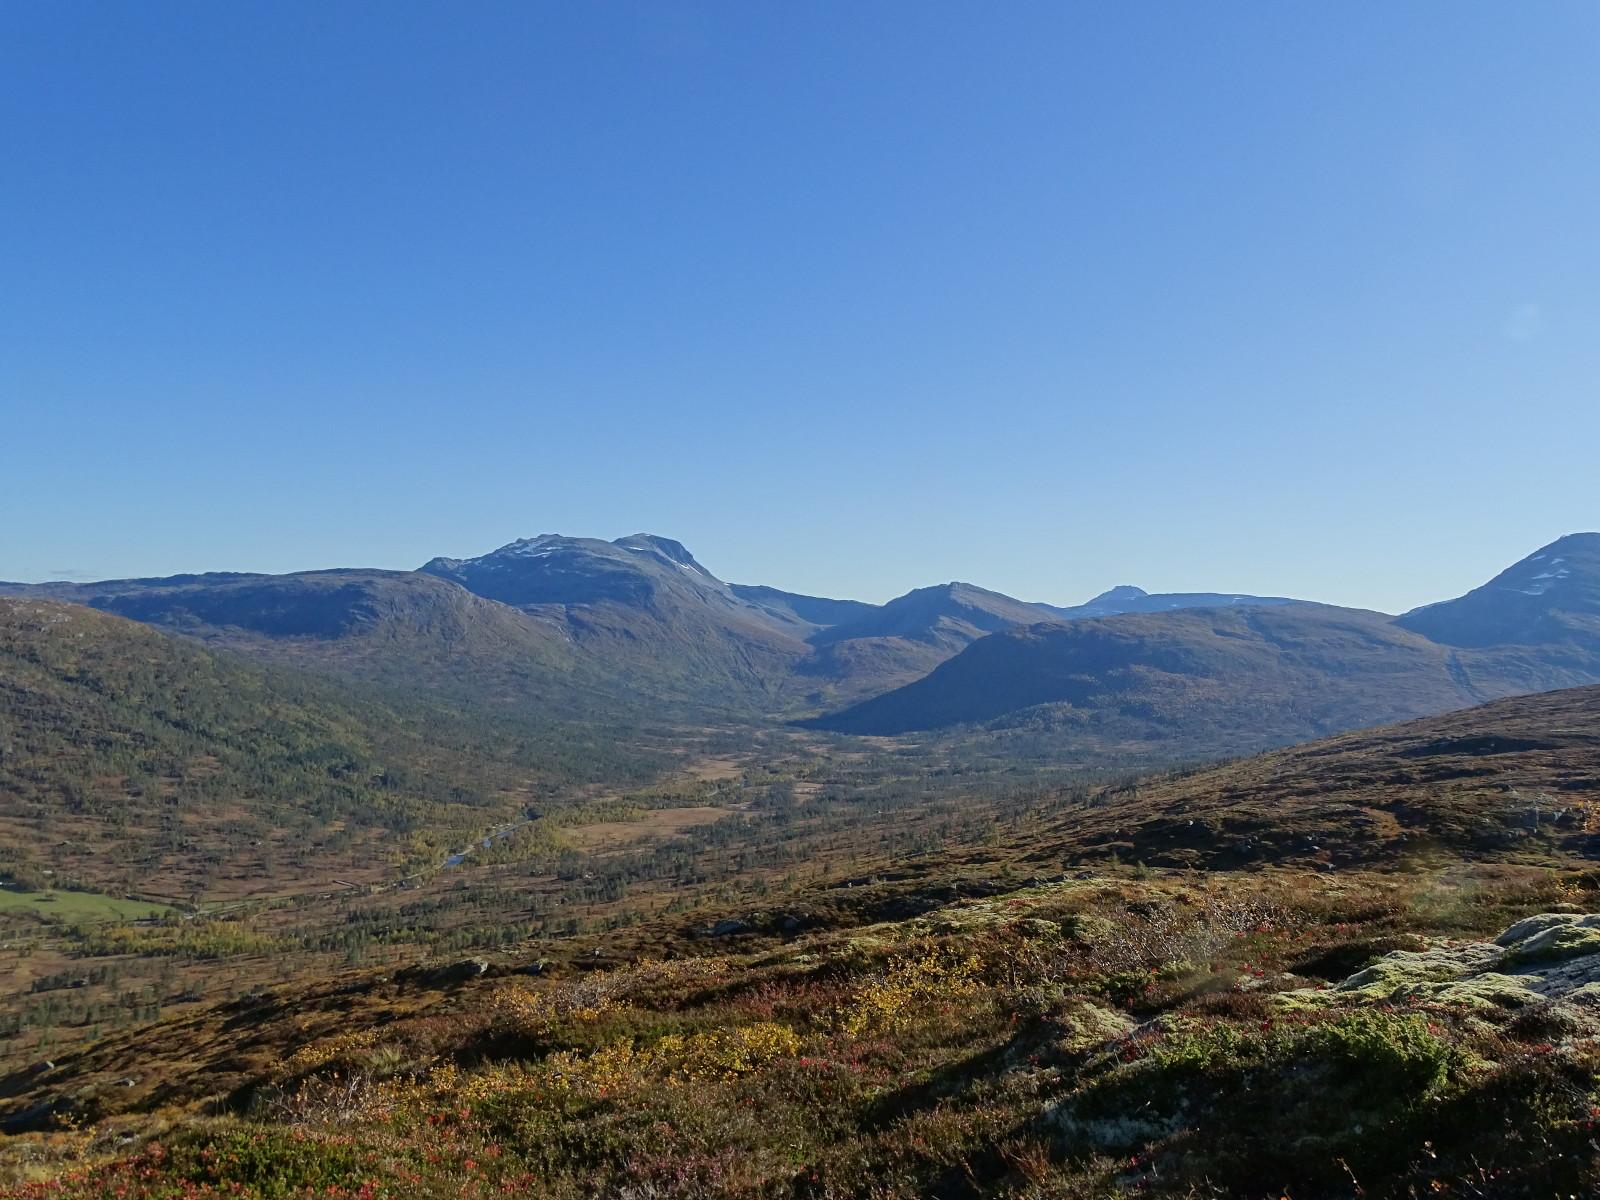 Høstvær på Kufjellet. Fotograf: Magne Nordsteien